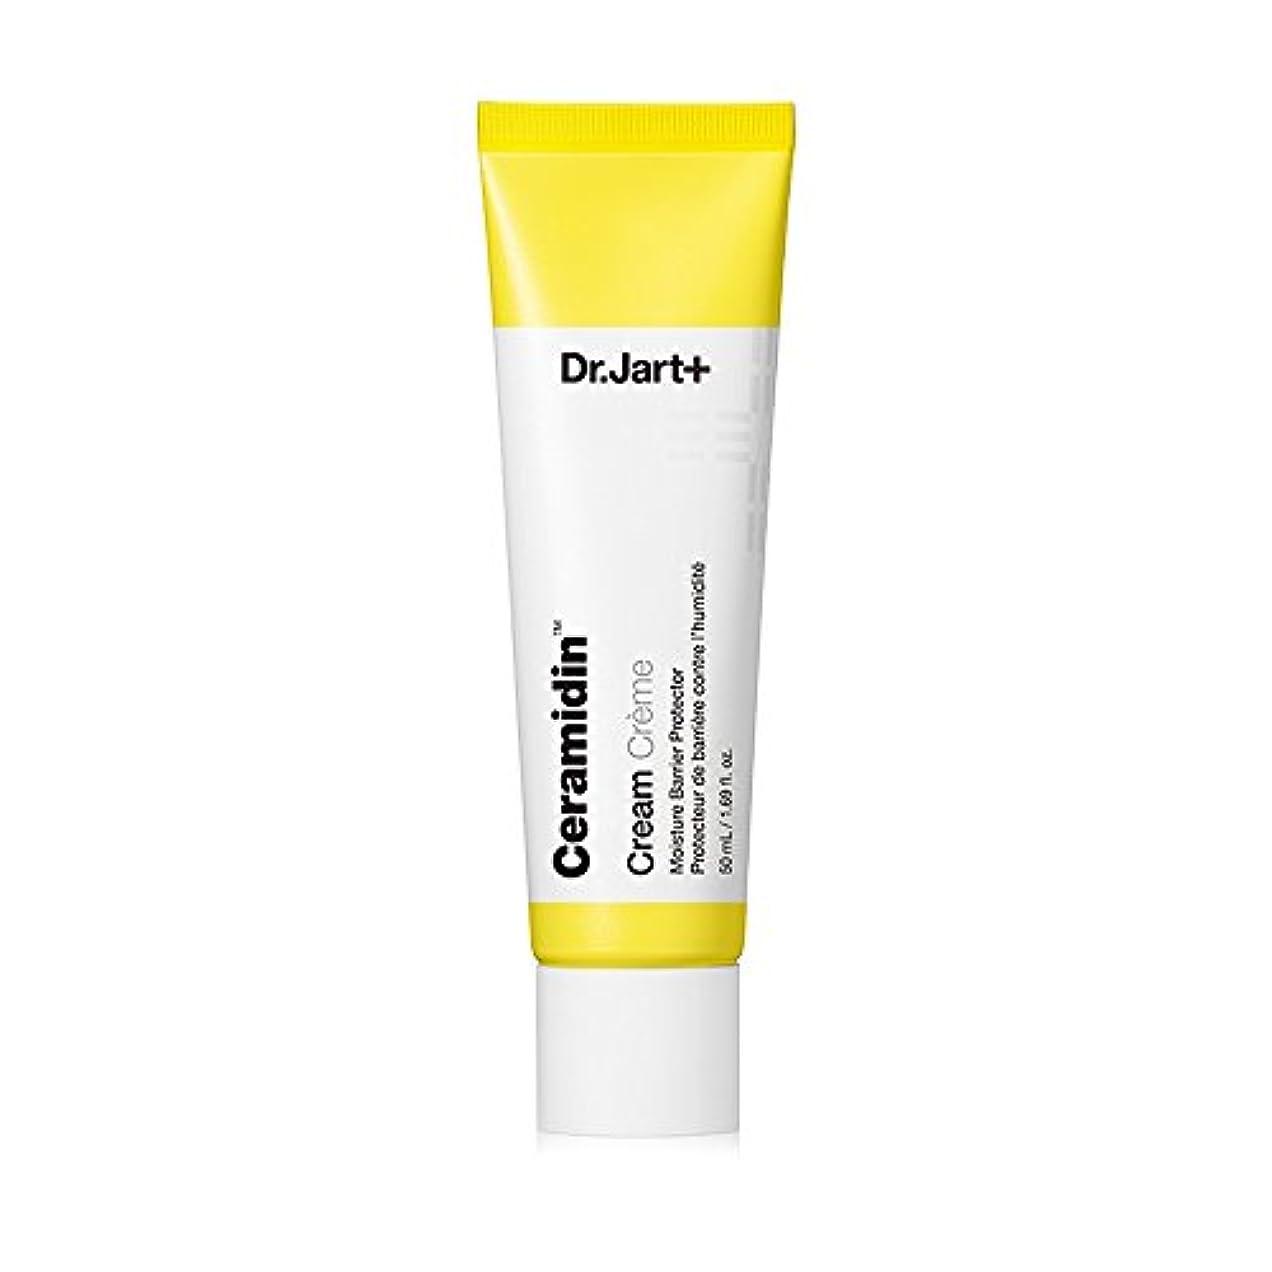 オーバーフロー真っ逆さま所有権[Dr.jart + New Ceramidin Cream 50ml] ドクタージャルトニューセラミーディン クリーム50ml